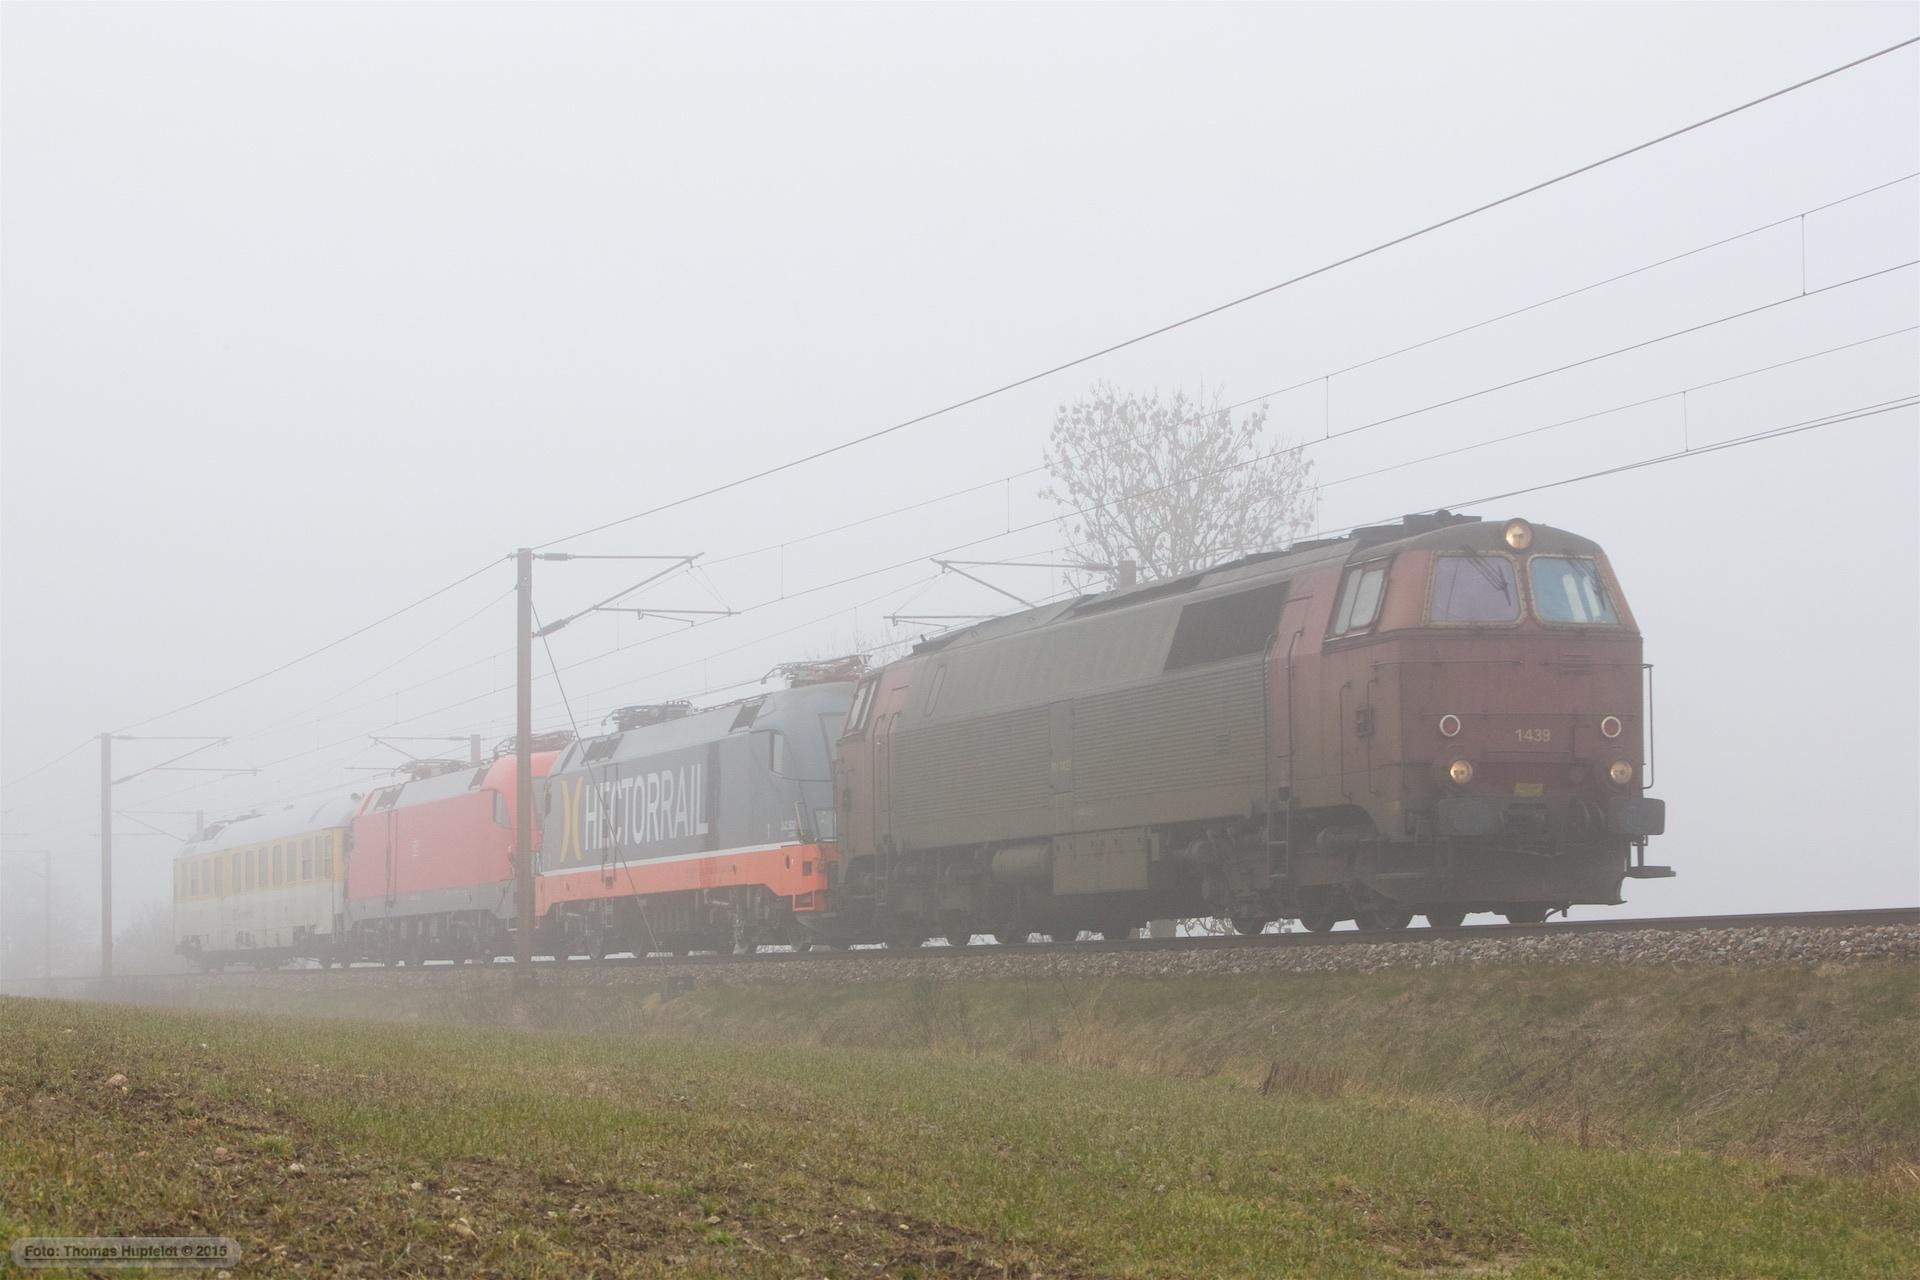 NEG MZ 1439 og Hector Rail 242.502 og DB 182 506 med Dienstüm313 63 80 99-92 007-3 som RM 6412 (Te-Md) mellem Kolding og Taulov - 13.03.2016